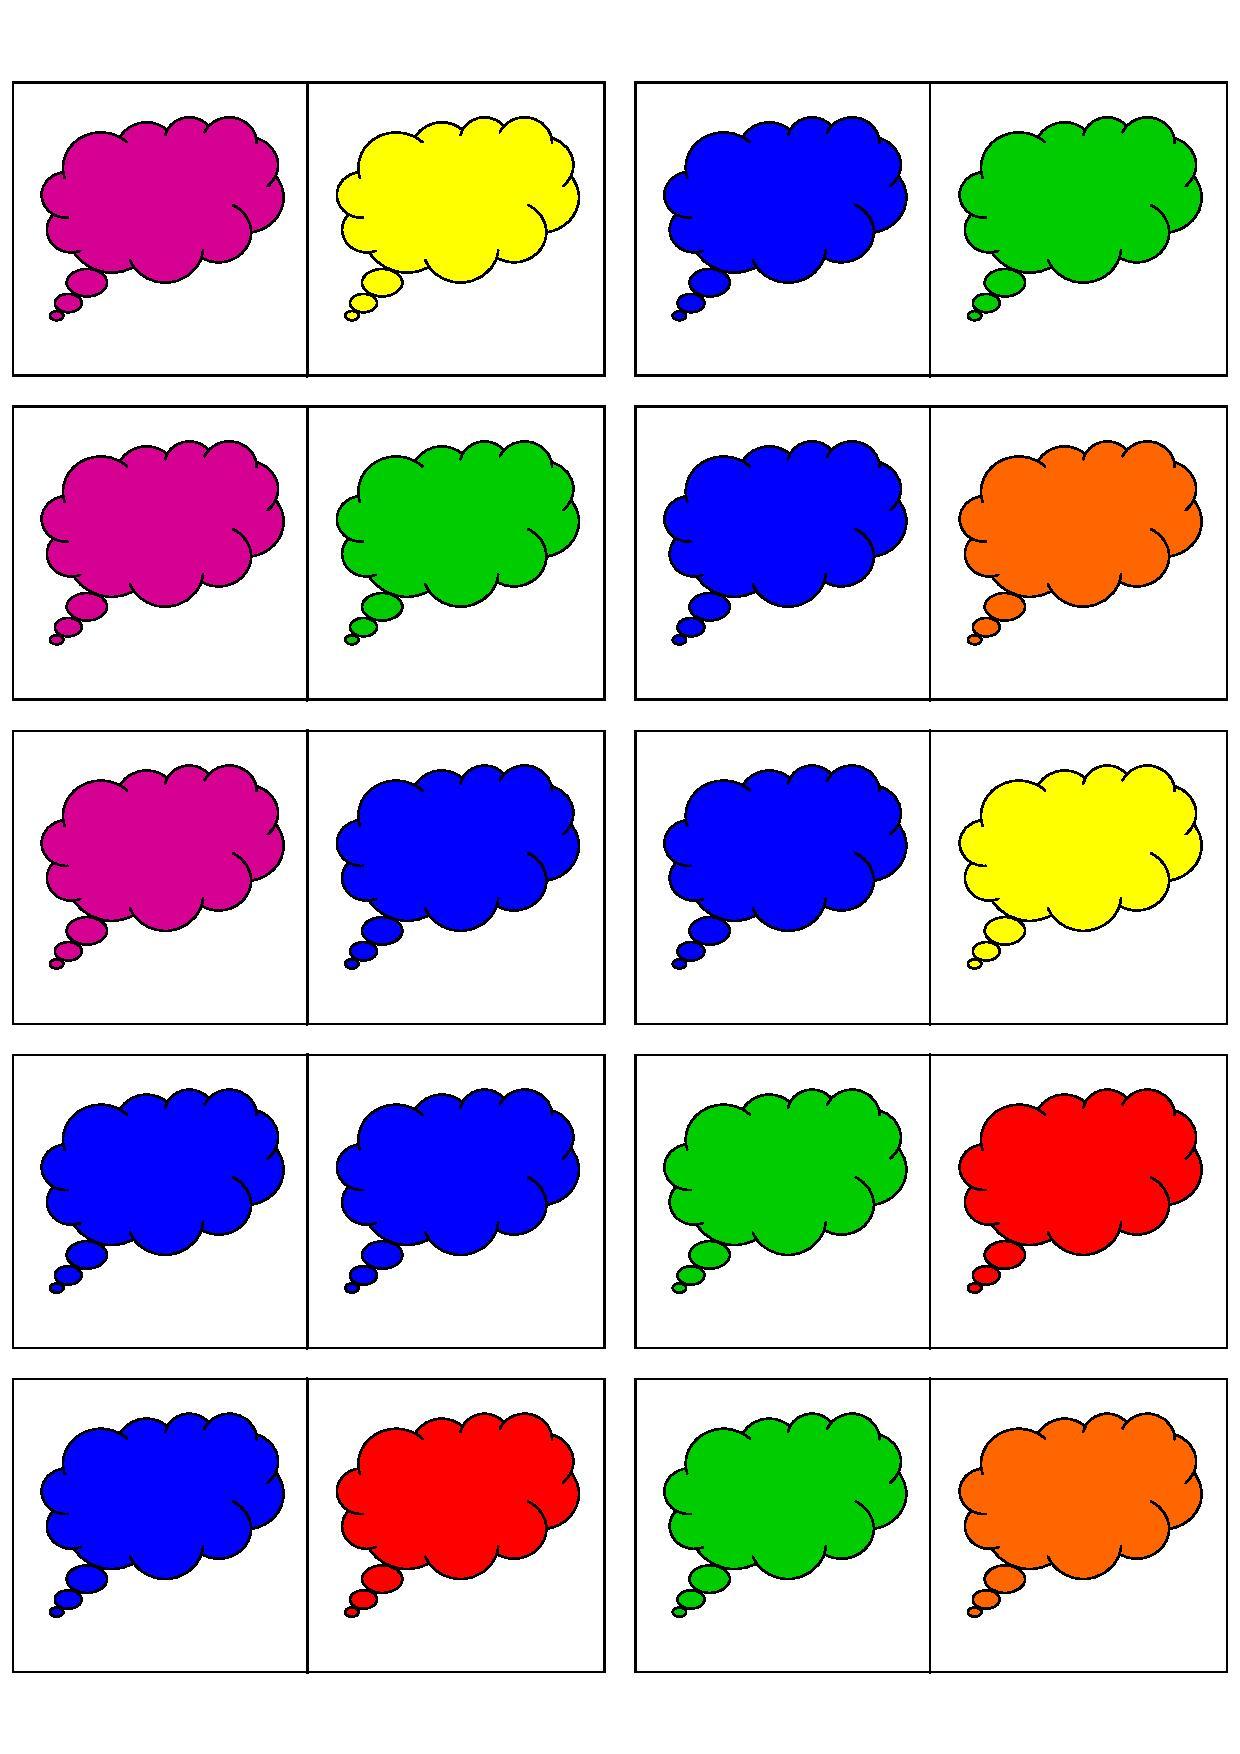 renkler domino kartları (2)